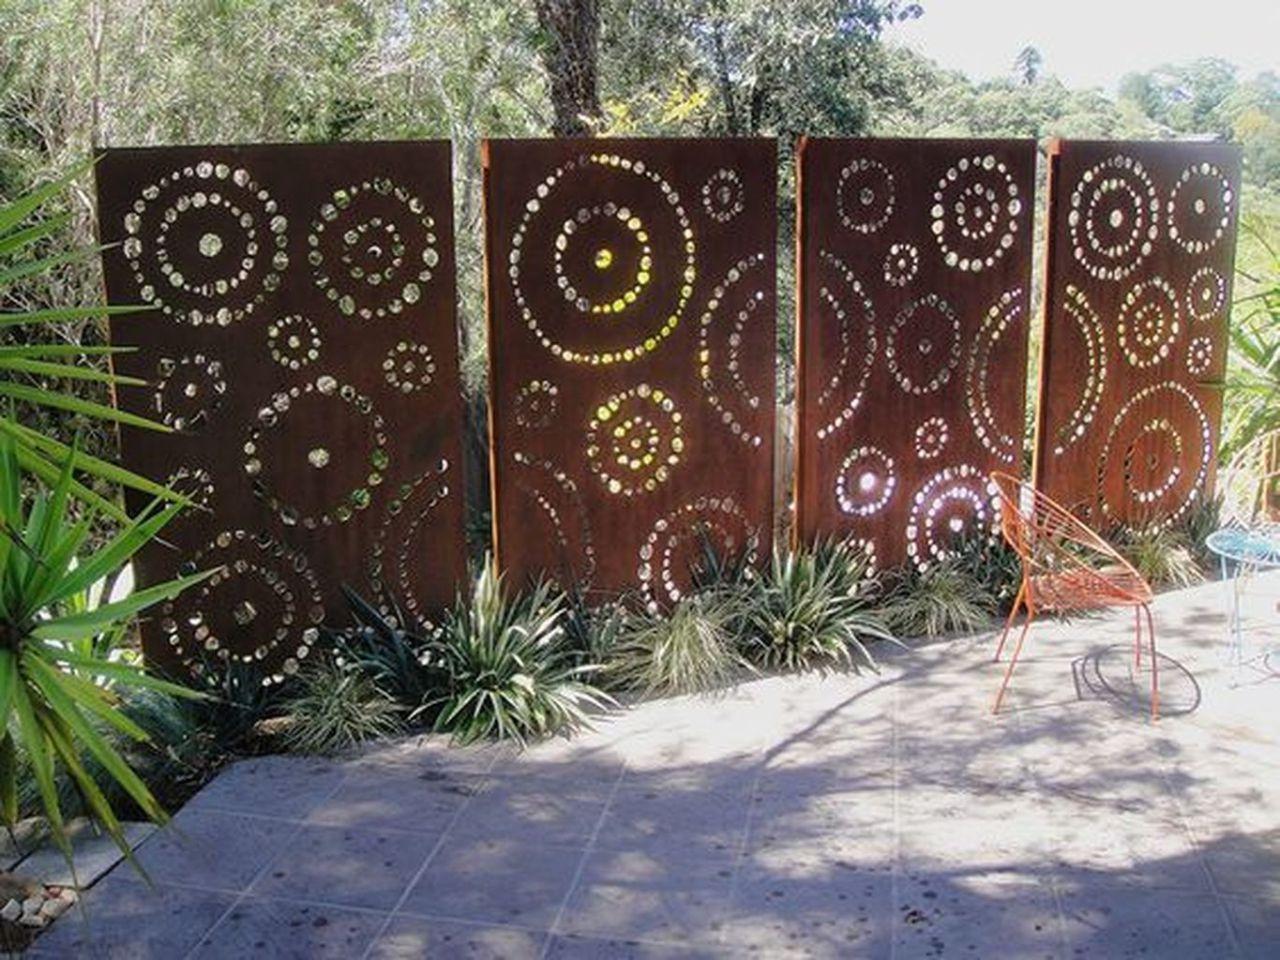 Backyardus security fence porchesdecks backyard garden